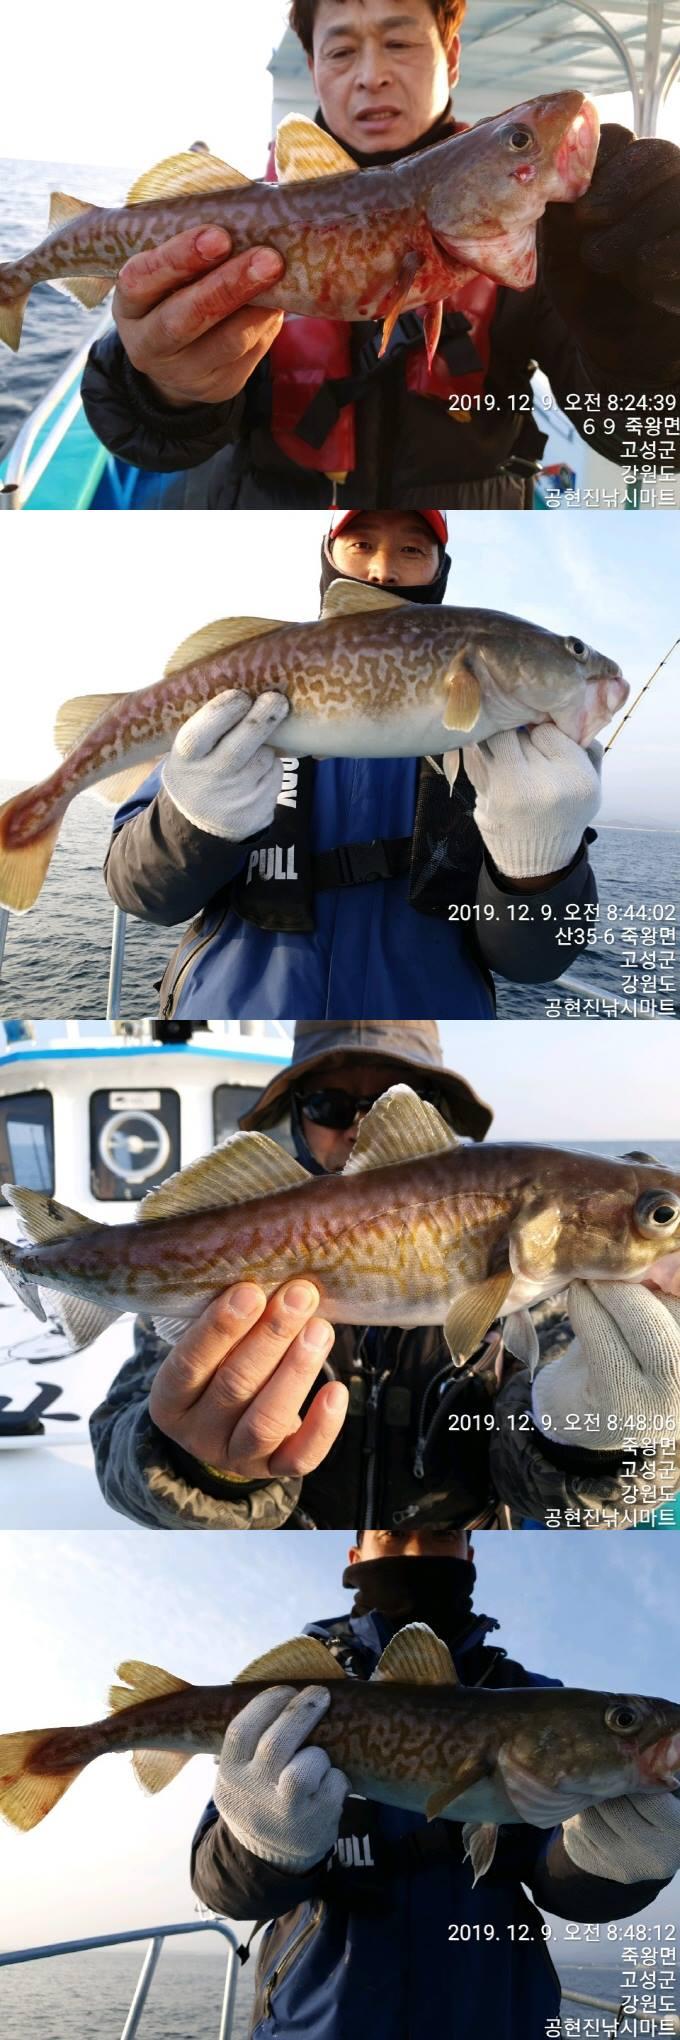 22인승 돌핀마린호 / 대구 대박 조황~ 입니다